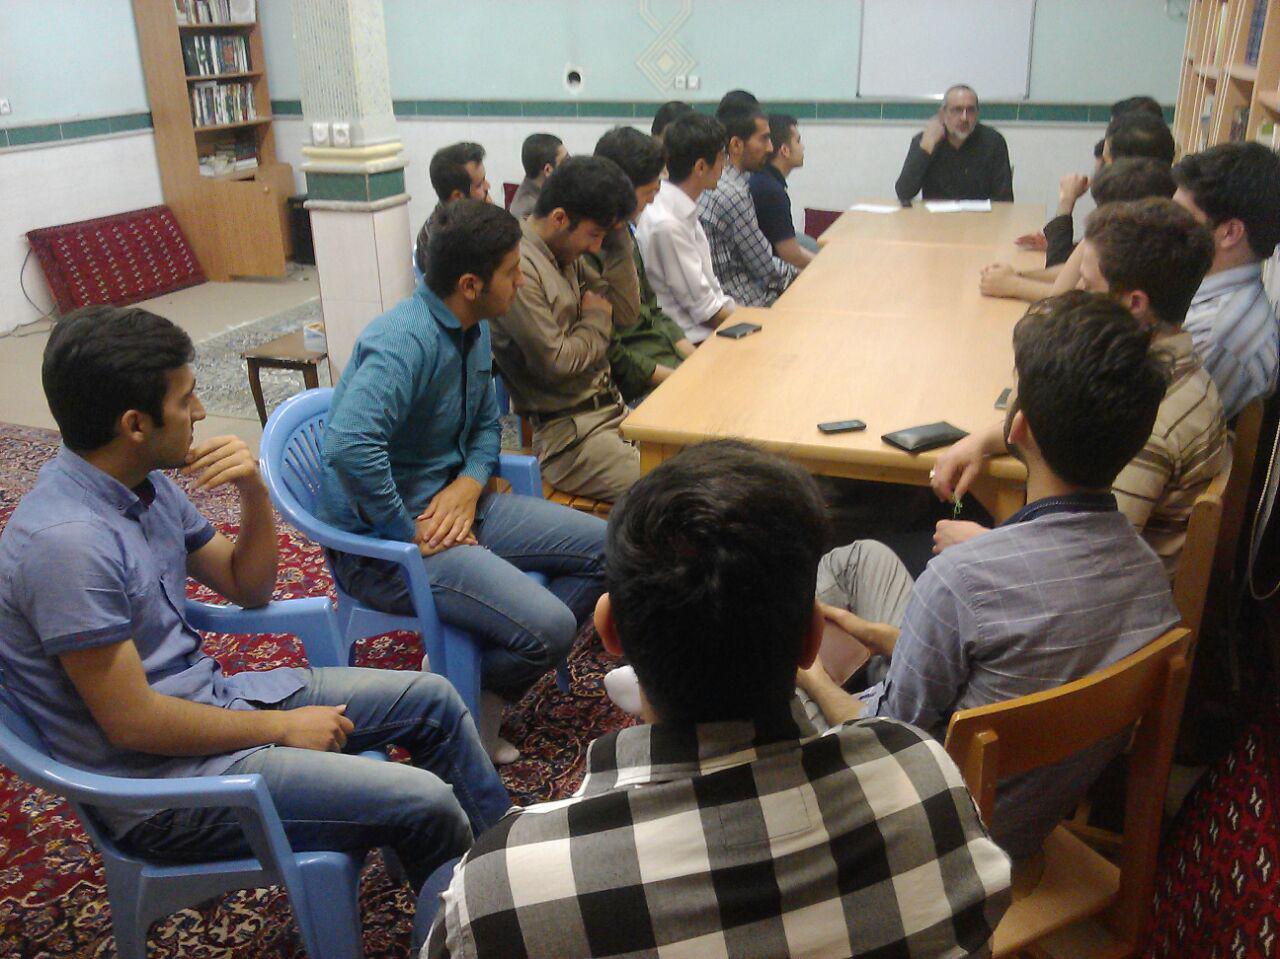 جلسه تشکل دانشجوئی  دارالقرآن مهدیشهر